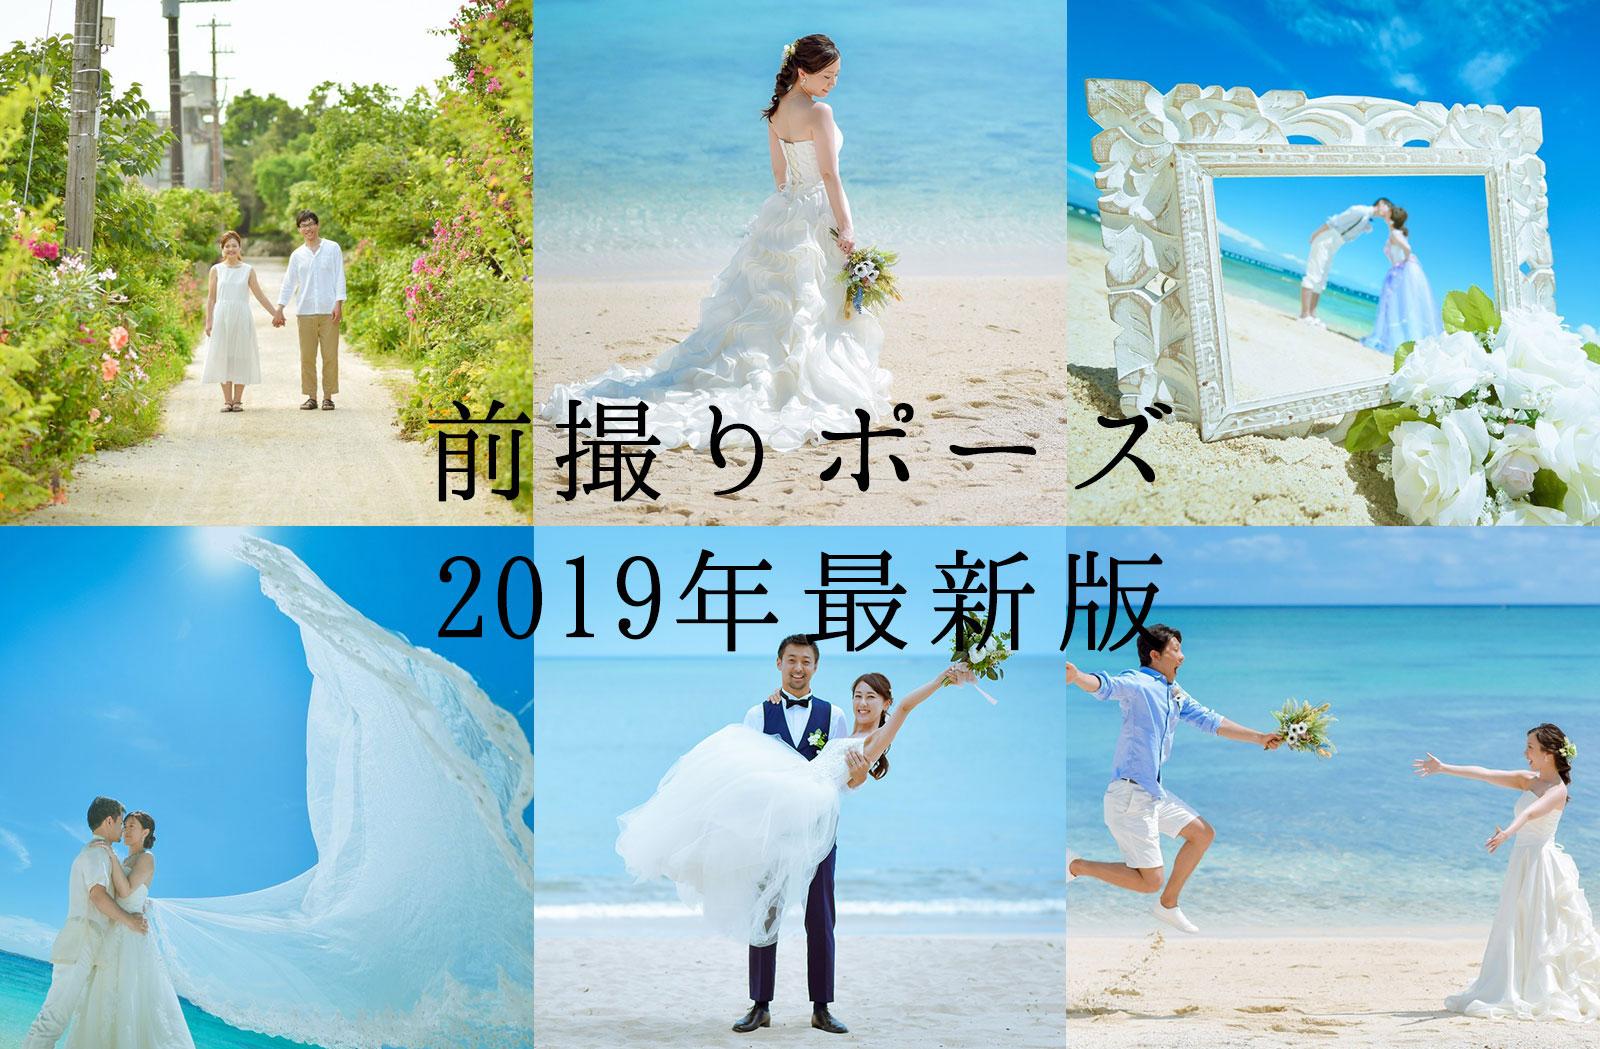 【2019年最新版】カメラマンが選ぶ結婚式の前撮りポーズ69選・写真141枚